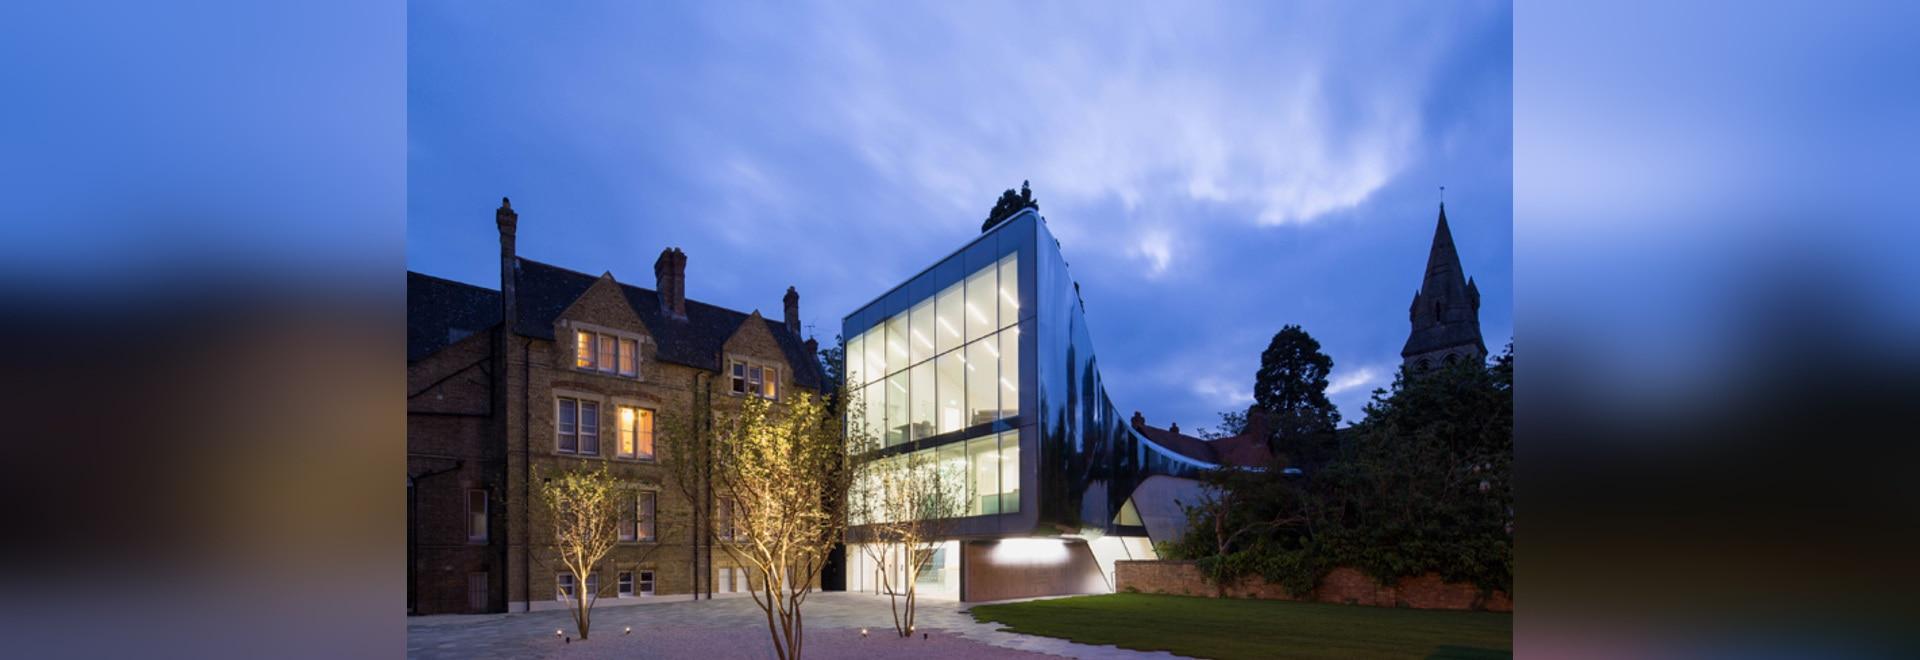 el hadid del zaha tiende un puente sobre el campus de la Universidad de Oxford con la biblioteca reflexiva